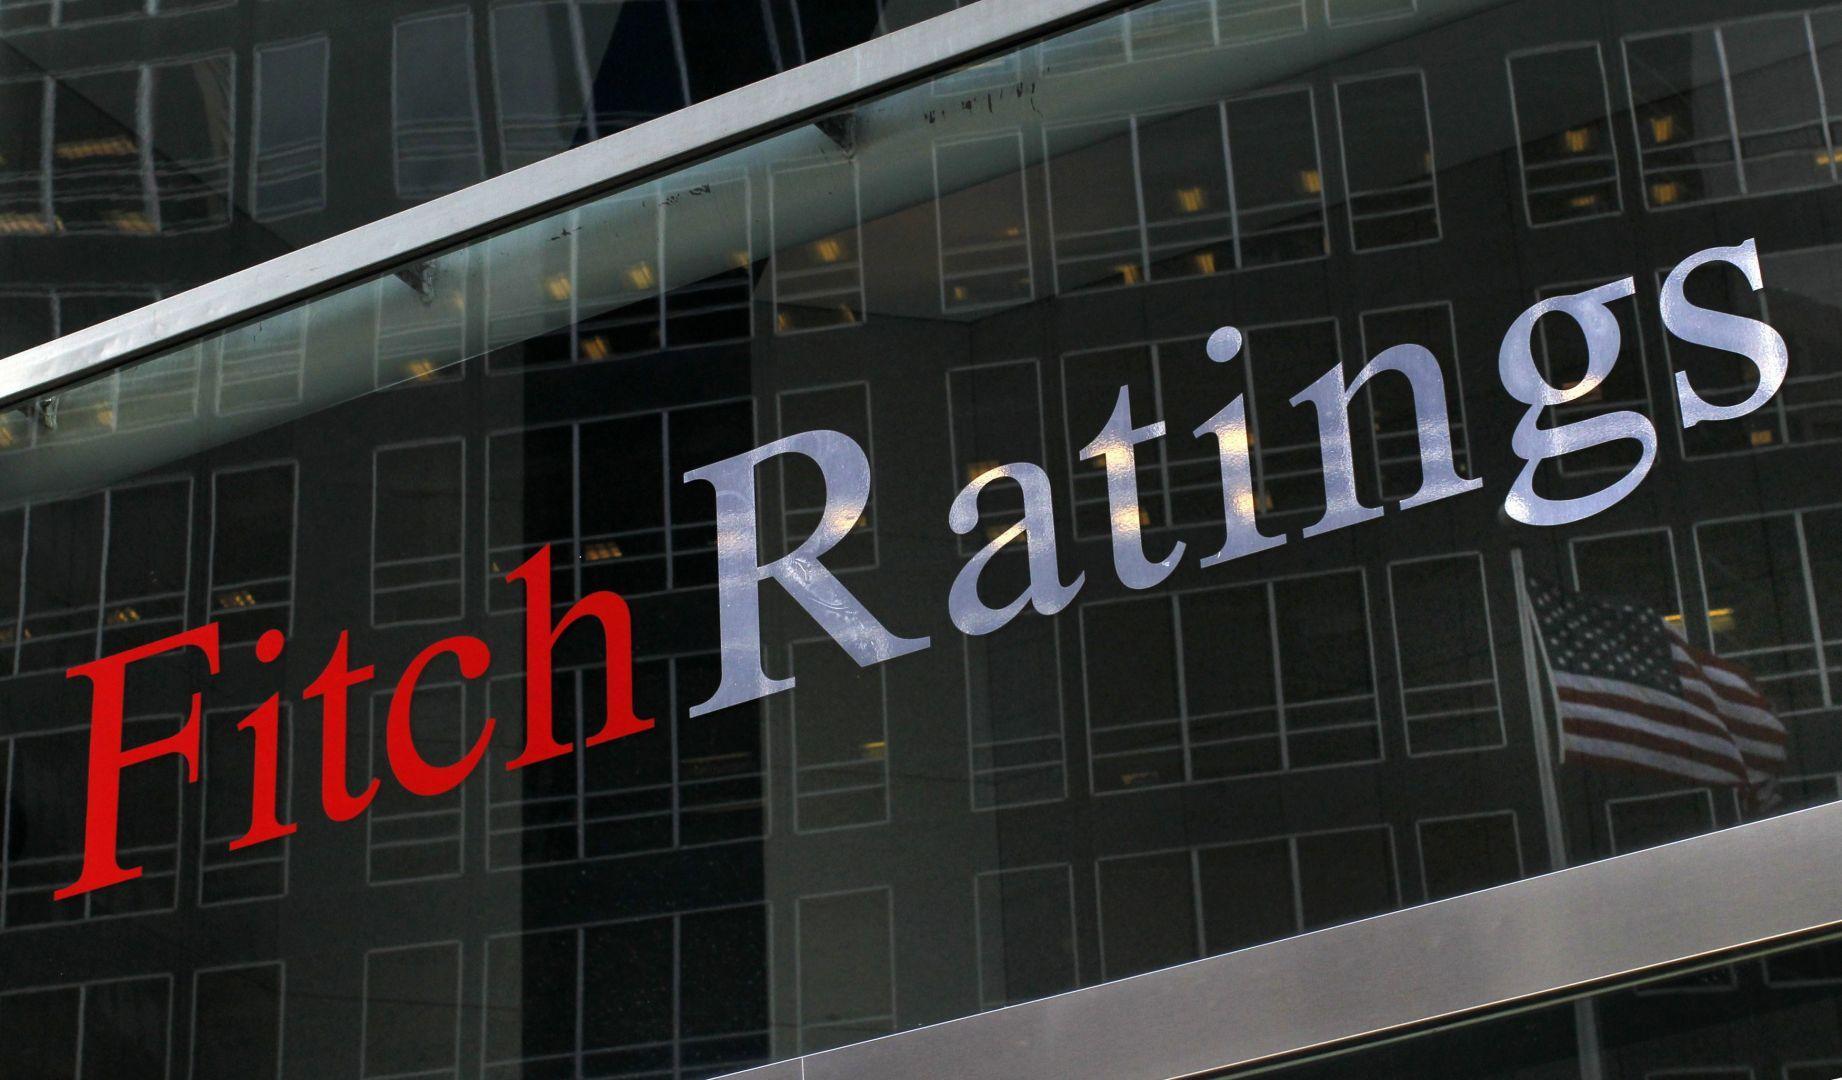 Fitch: Rusiya və Səudiyyə Ərəbistanı OPEC+ anlaşmasının uzadılmasında ən az marağı olan ölkələrdir